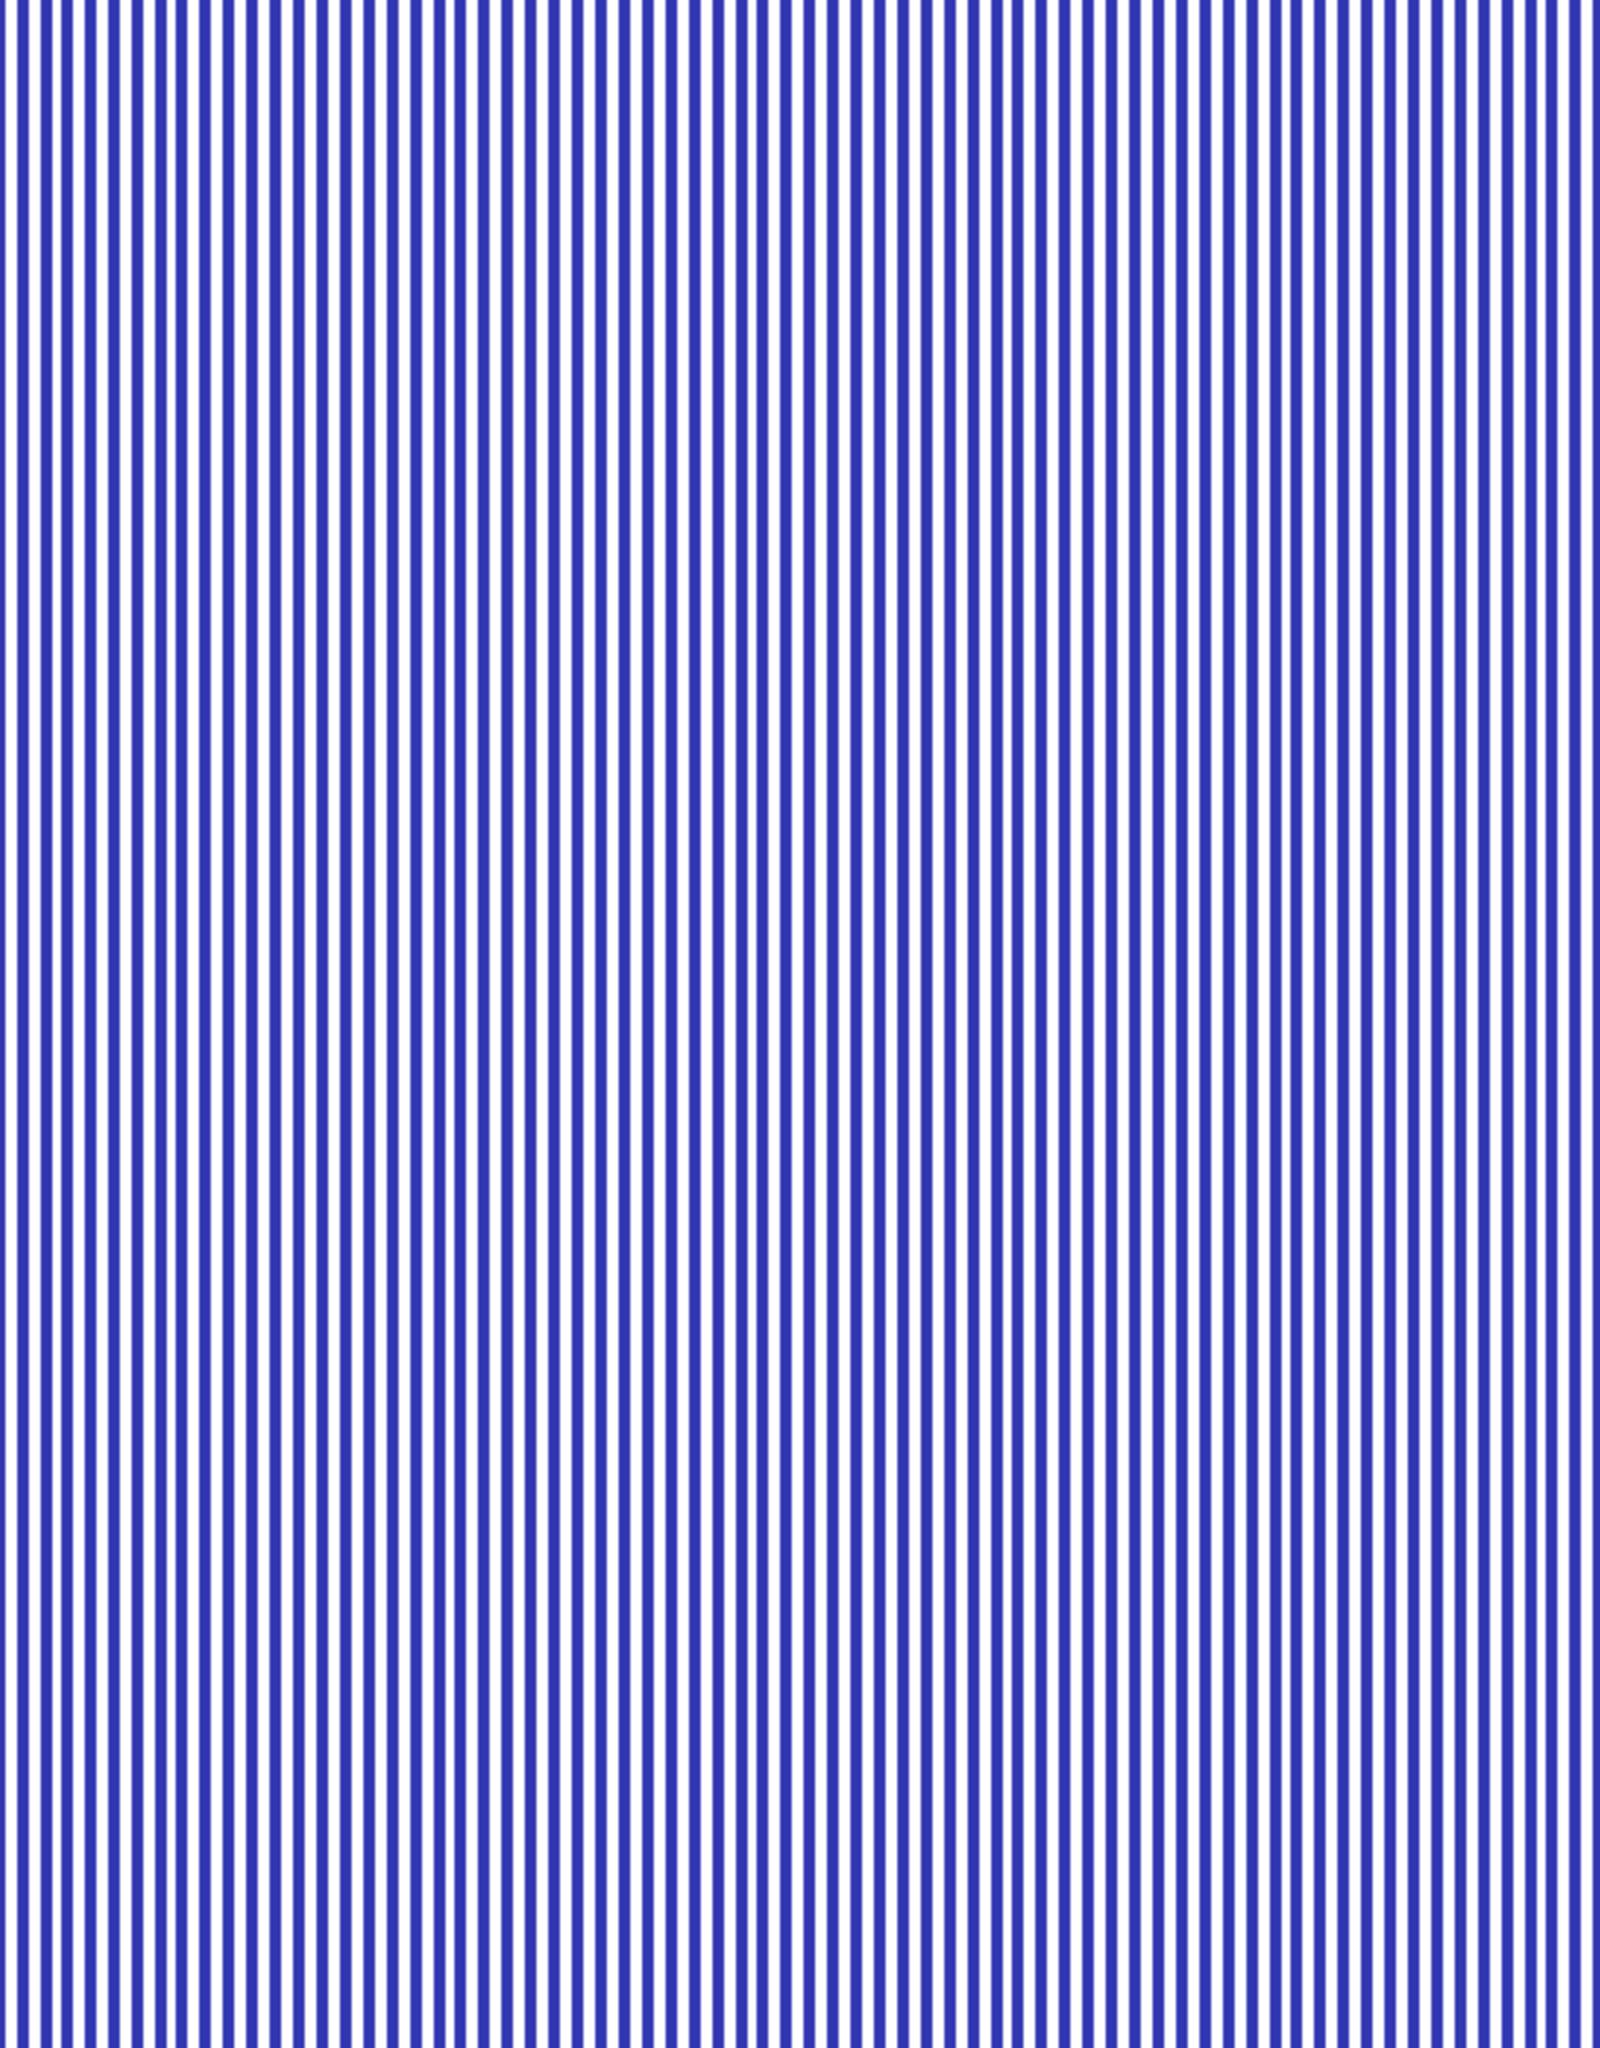 Boordstof Gestreept 1mm - Kobaltblauw/Wit